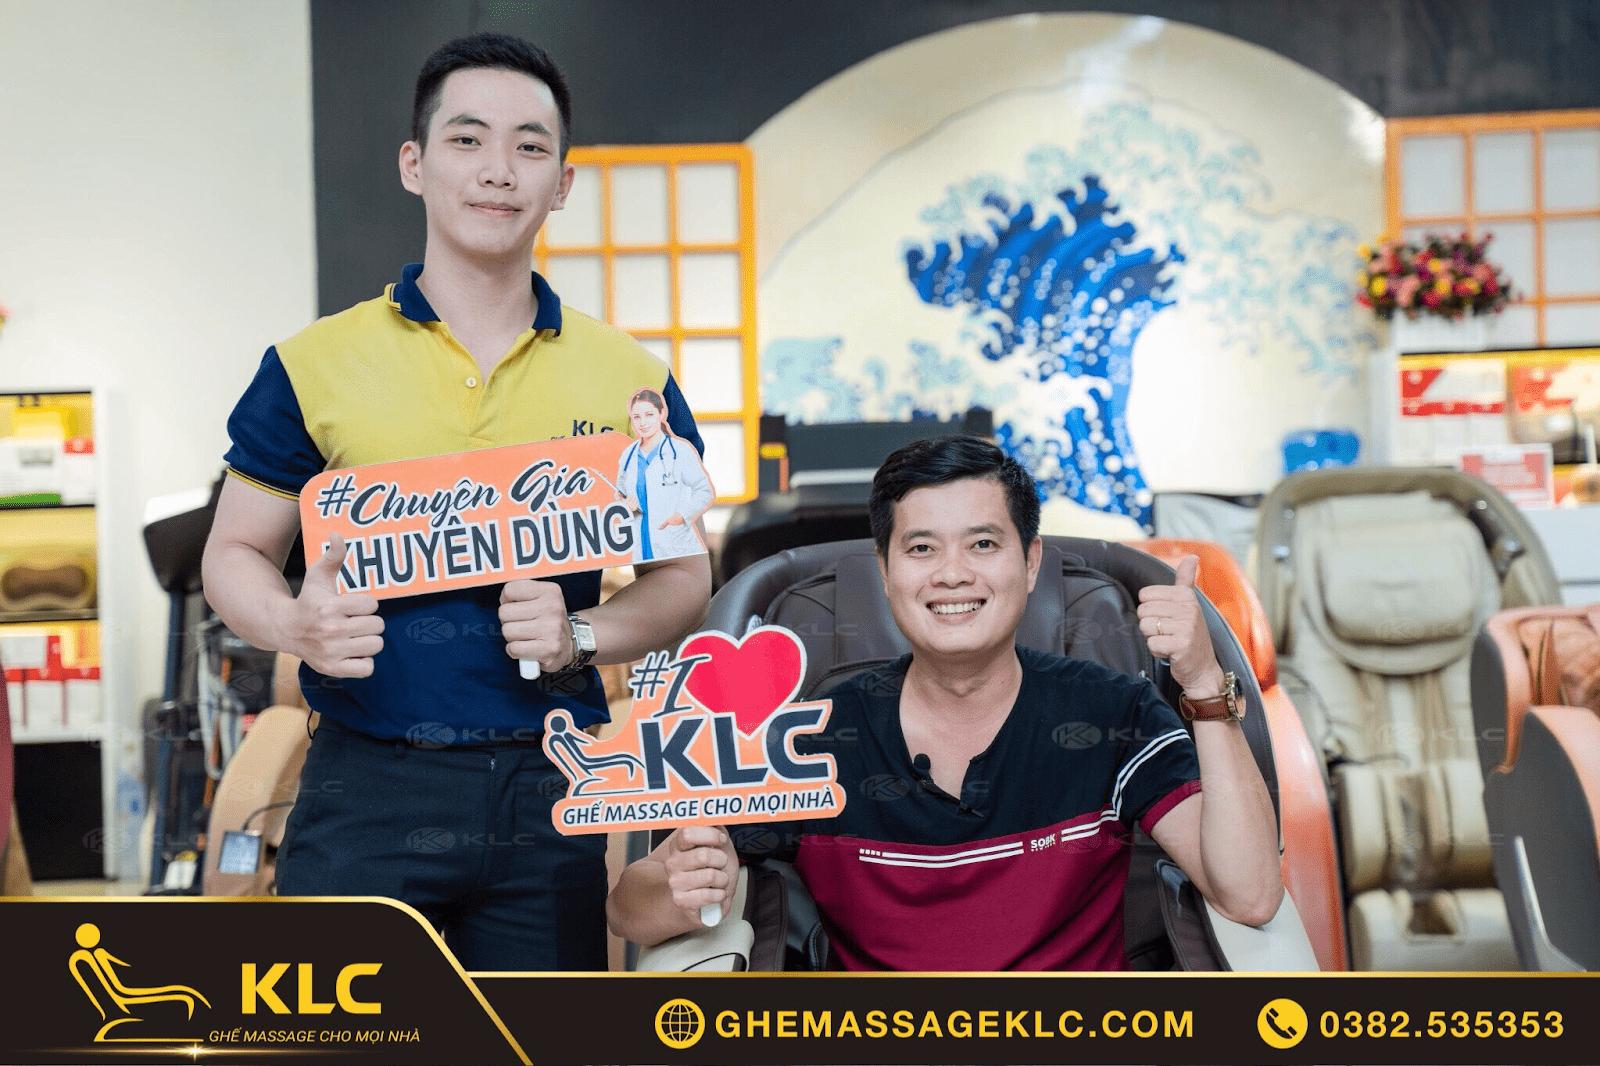 Ghế massage KLC - Món quà ý nghĩa dành tặng Ba vợ của đạo diễn Khương Dừa - CEO Công ty giải trí Điền Quân